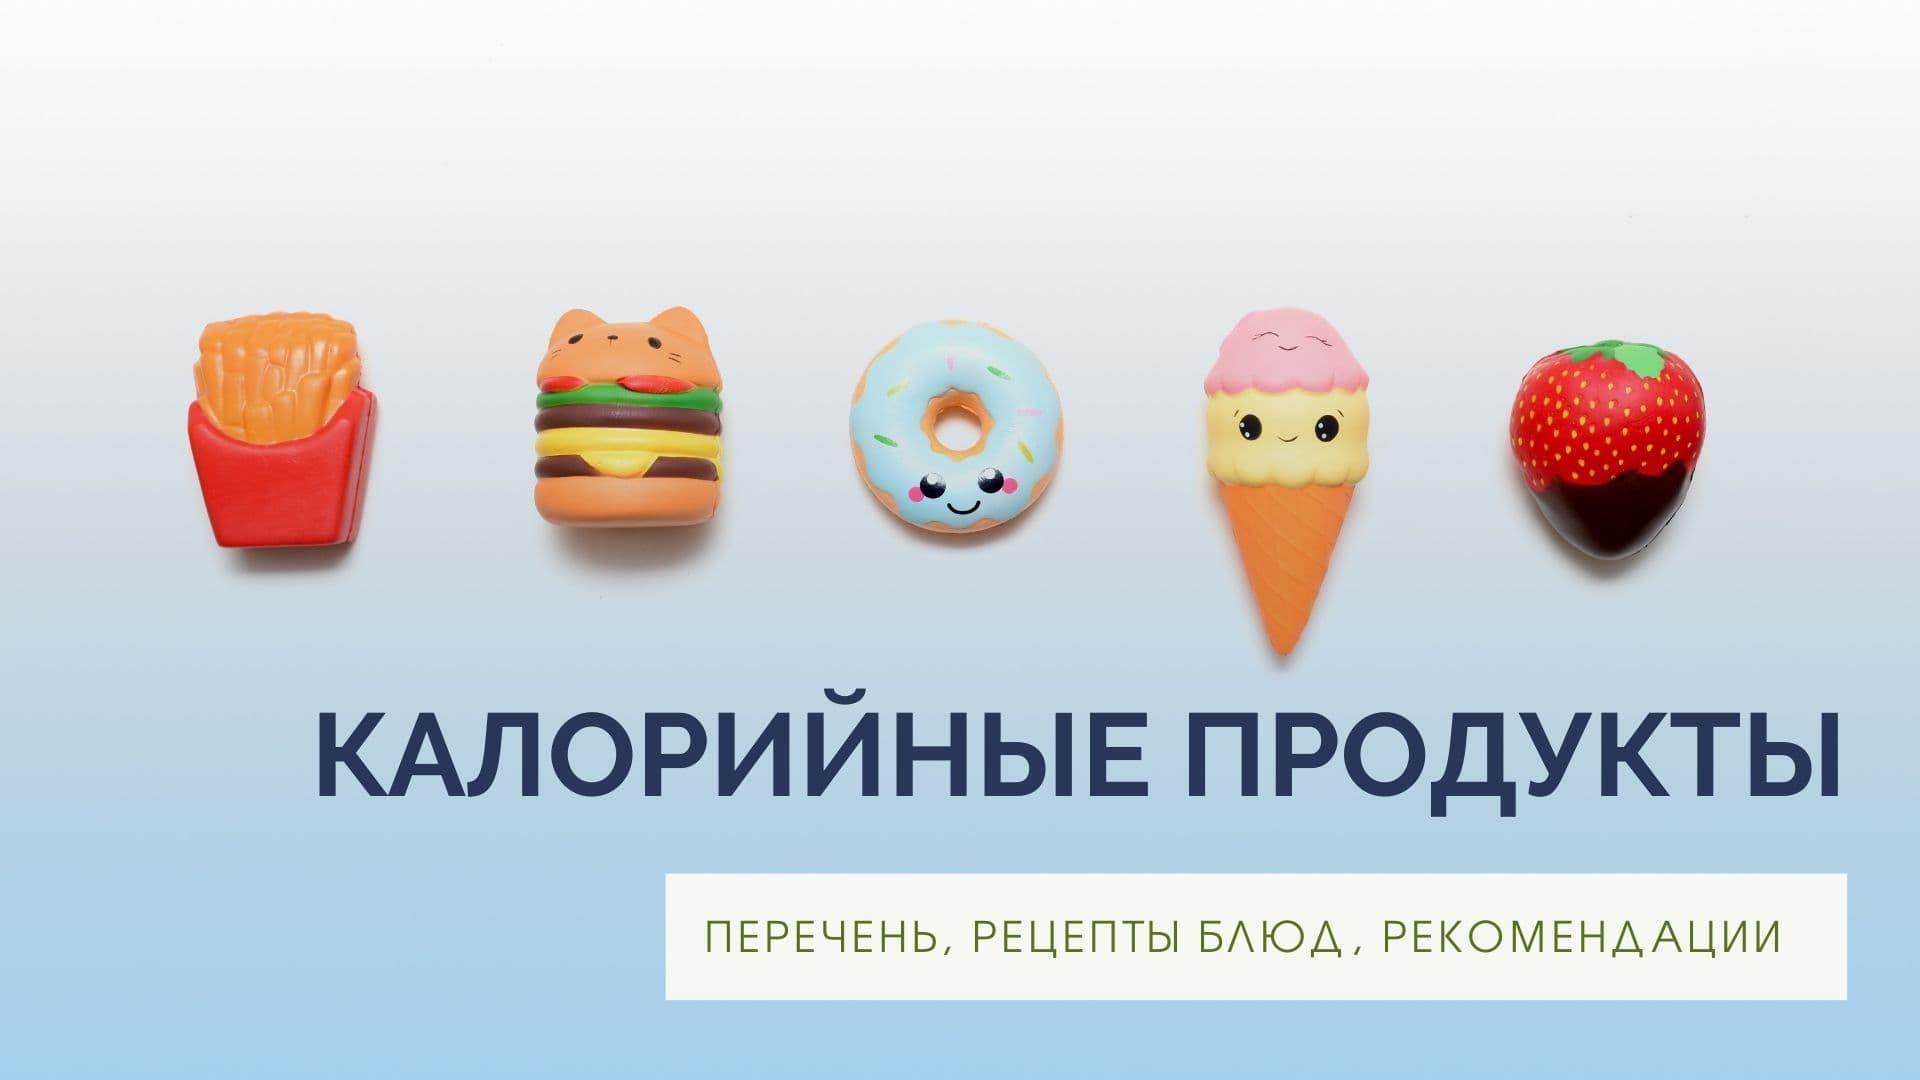 Калорийные продукты: перечень, рецепты блюд, рекомендации